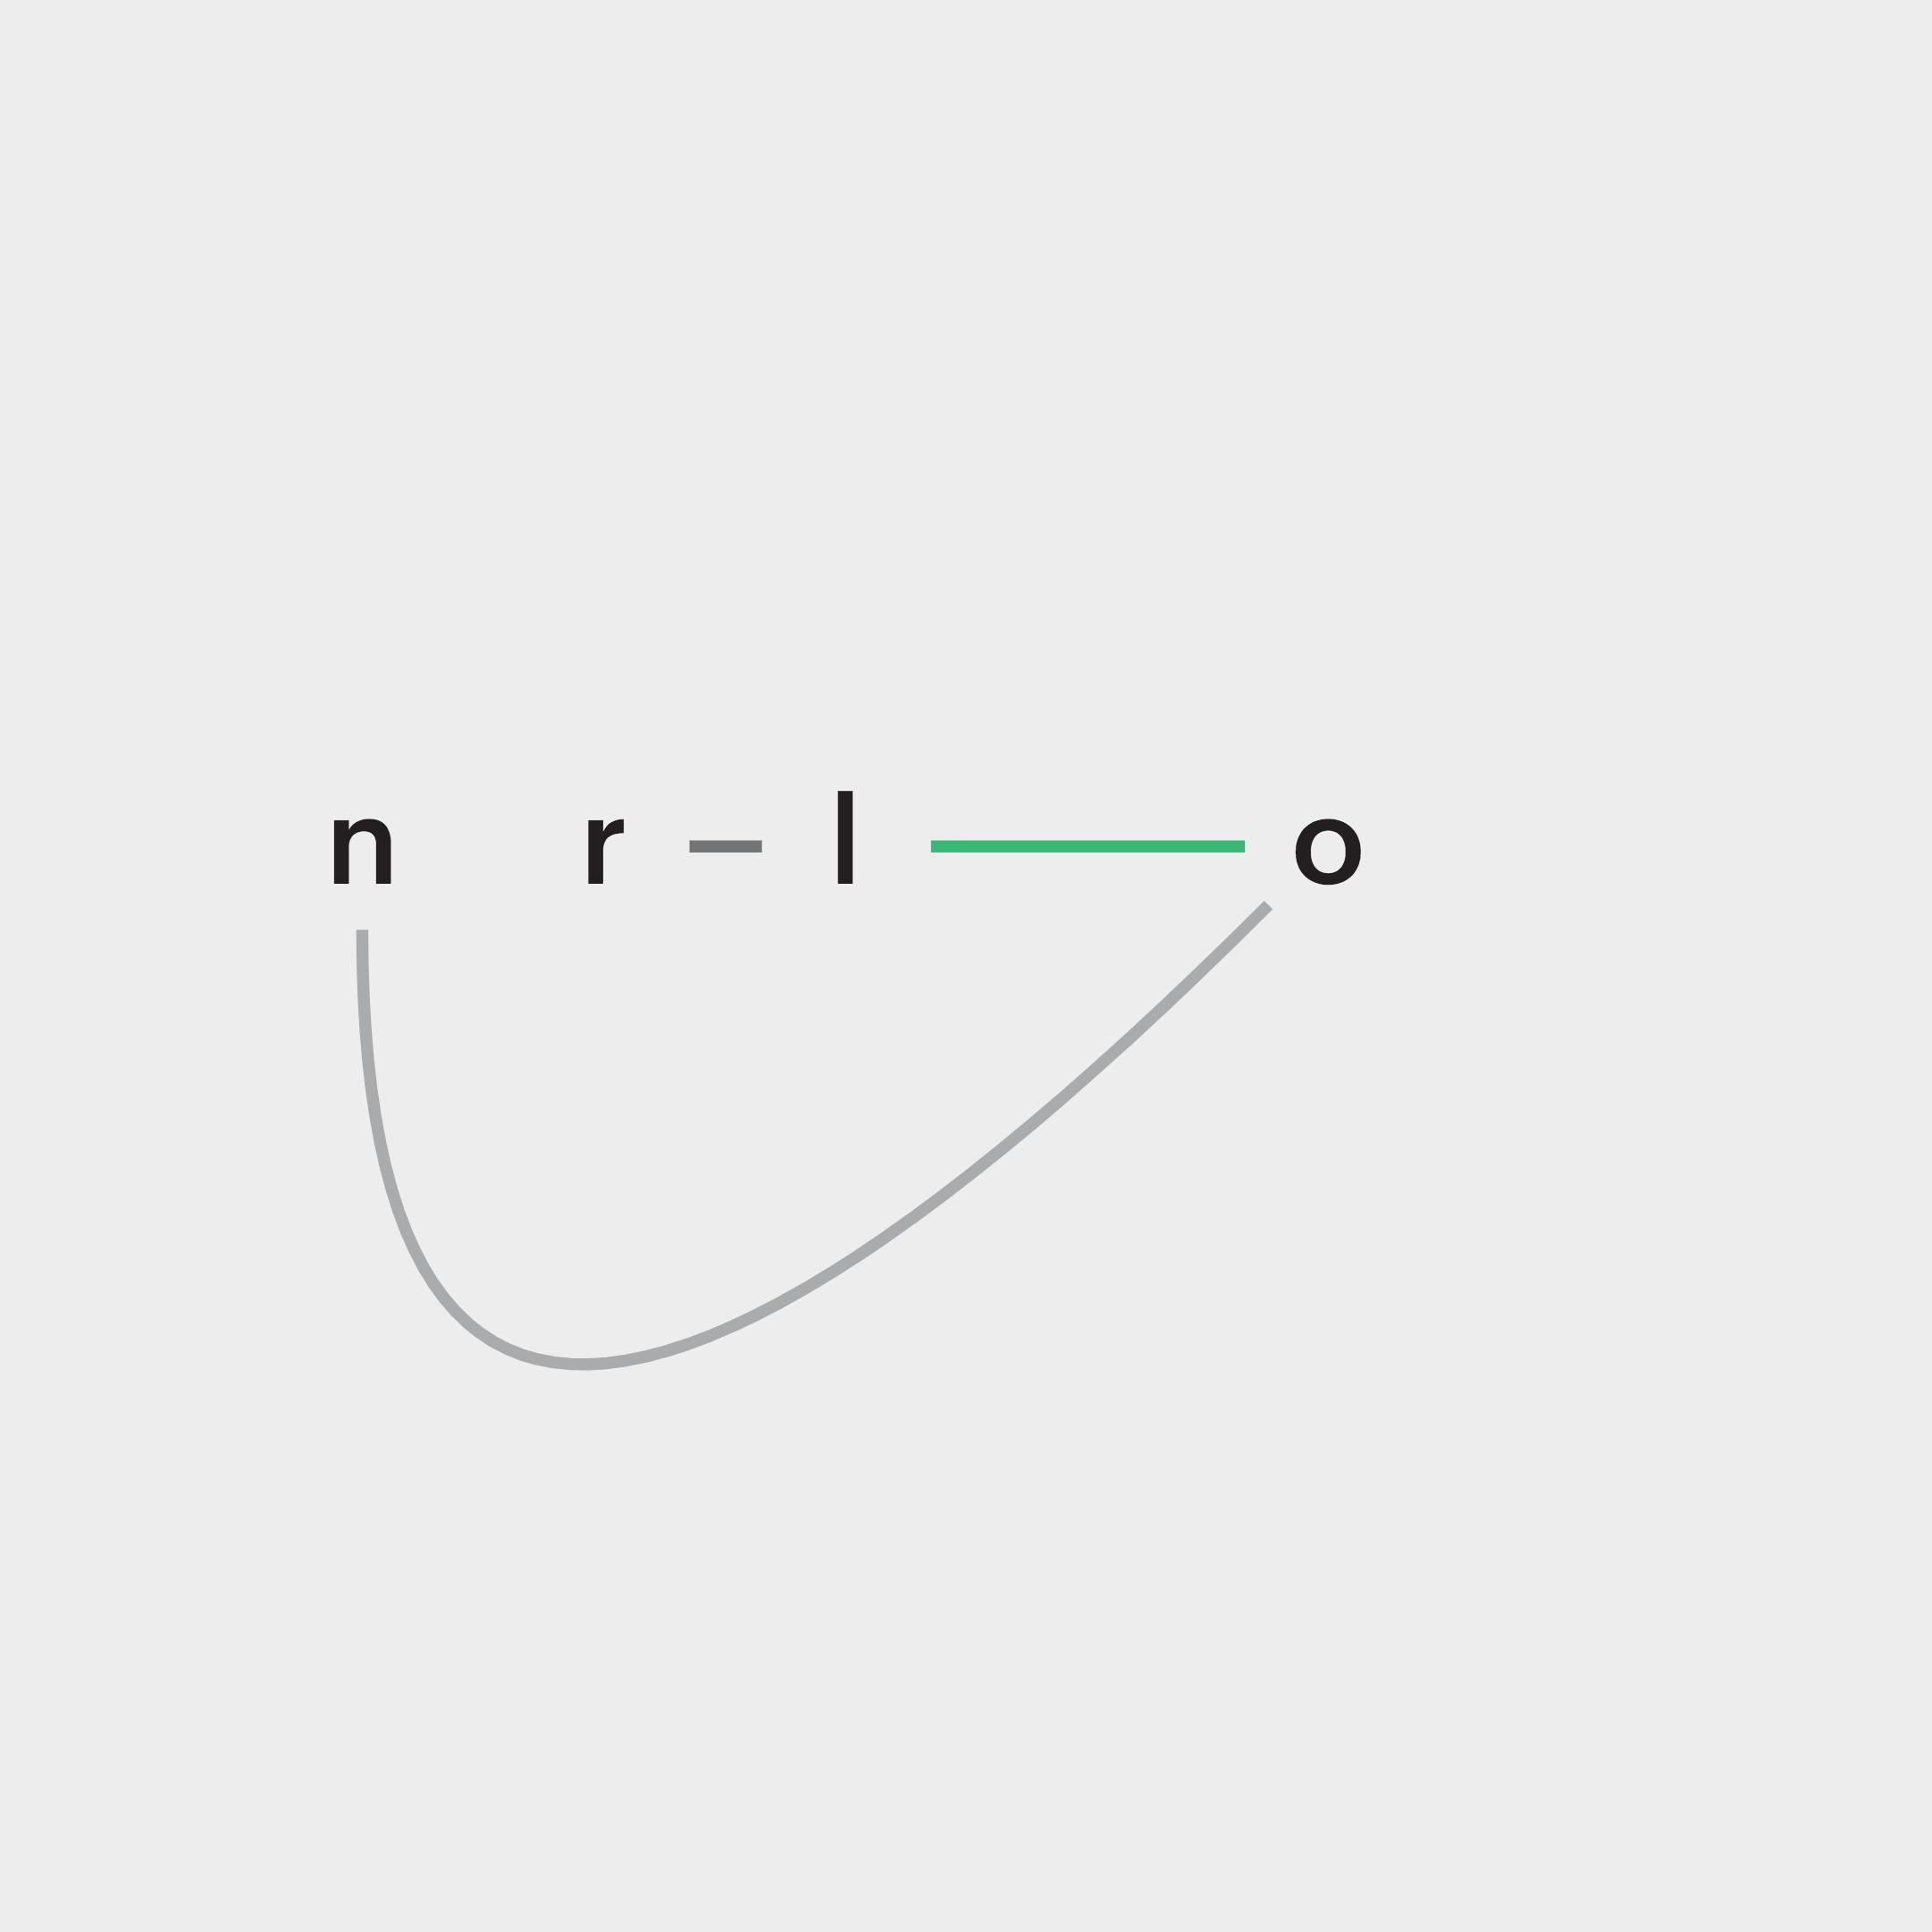 rlon_logo_105151.png